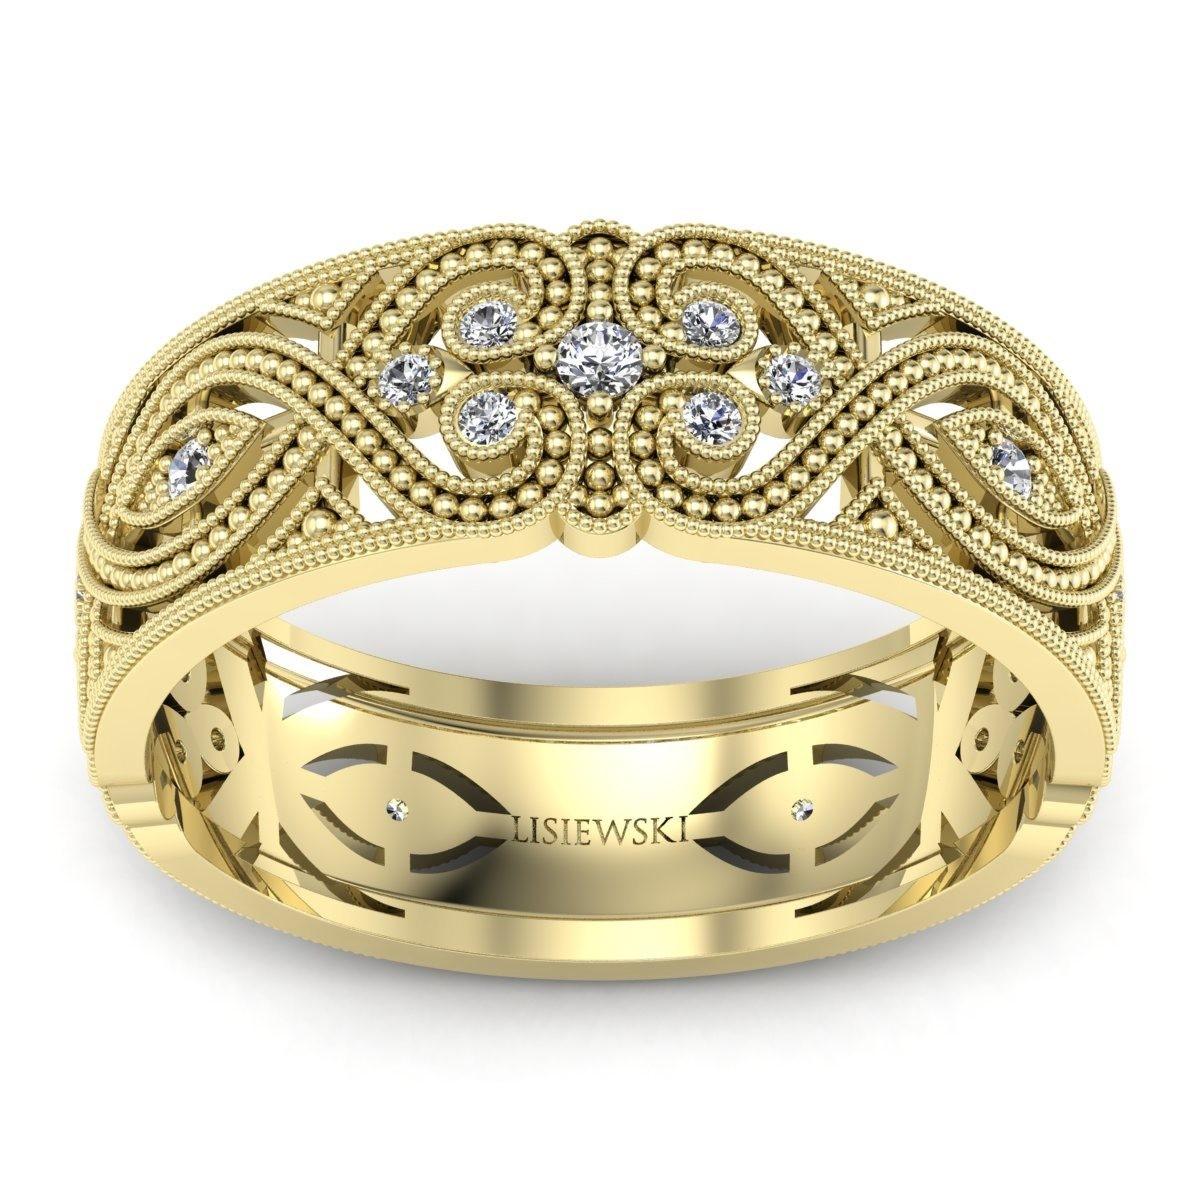 Royal - Obrączka ślubna z diamentami żółte złoto